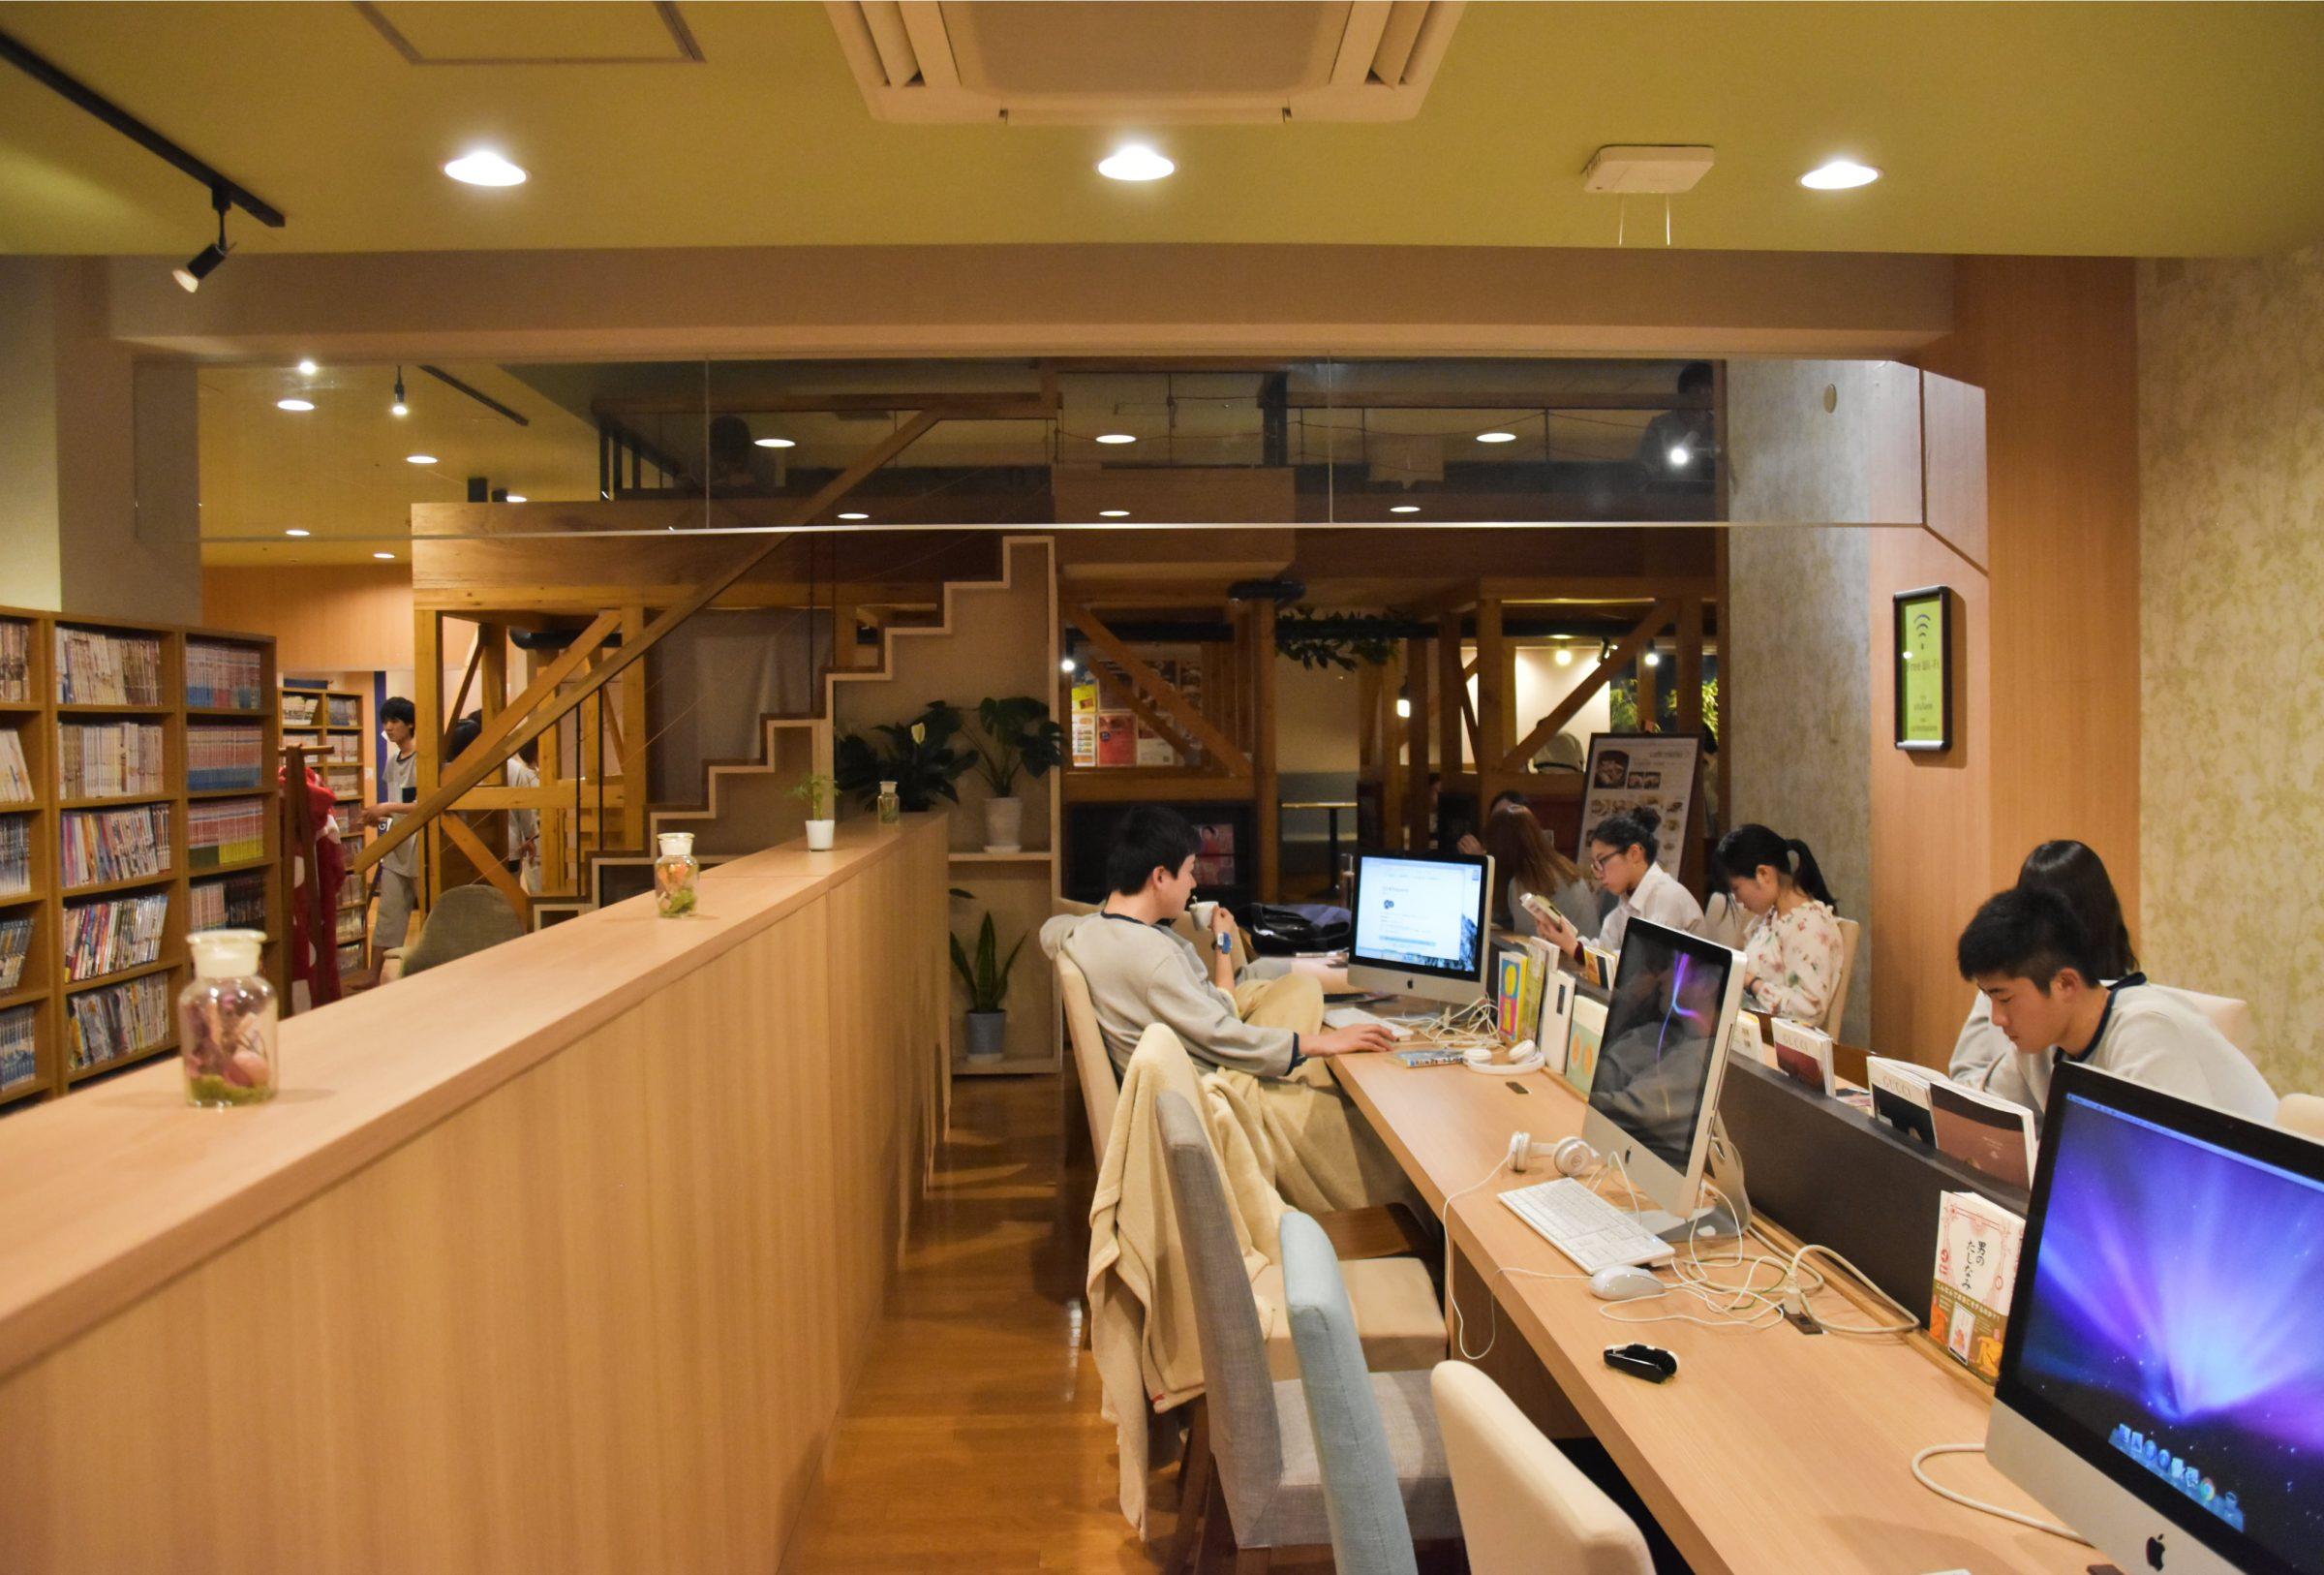 埼玉大宮|集合溫泉美食住宿!超療癒風呂咖啡(おふろCafe)